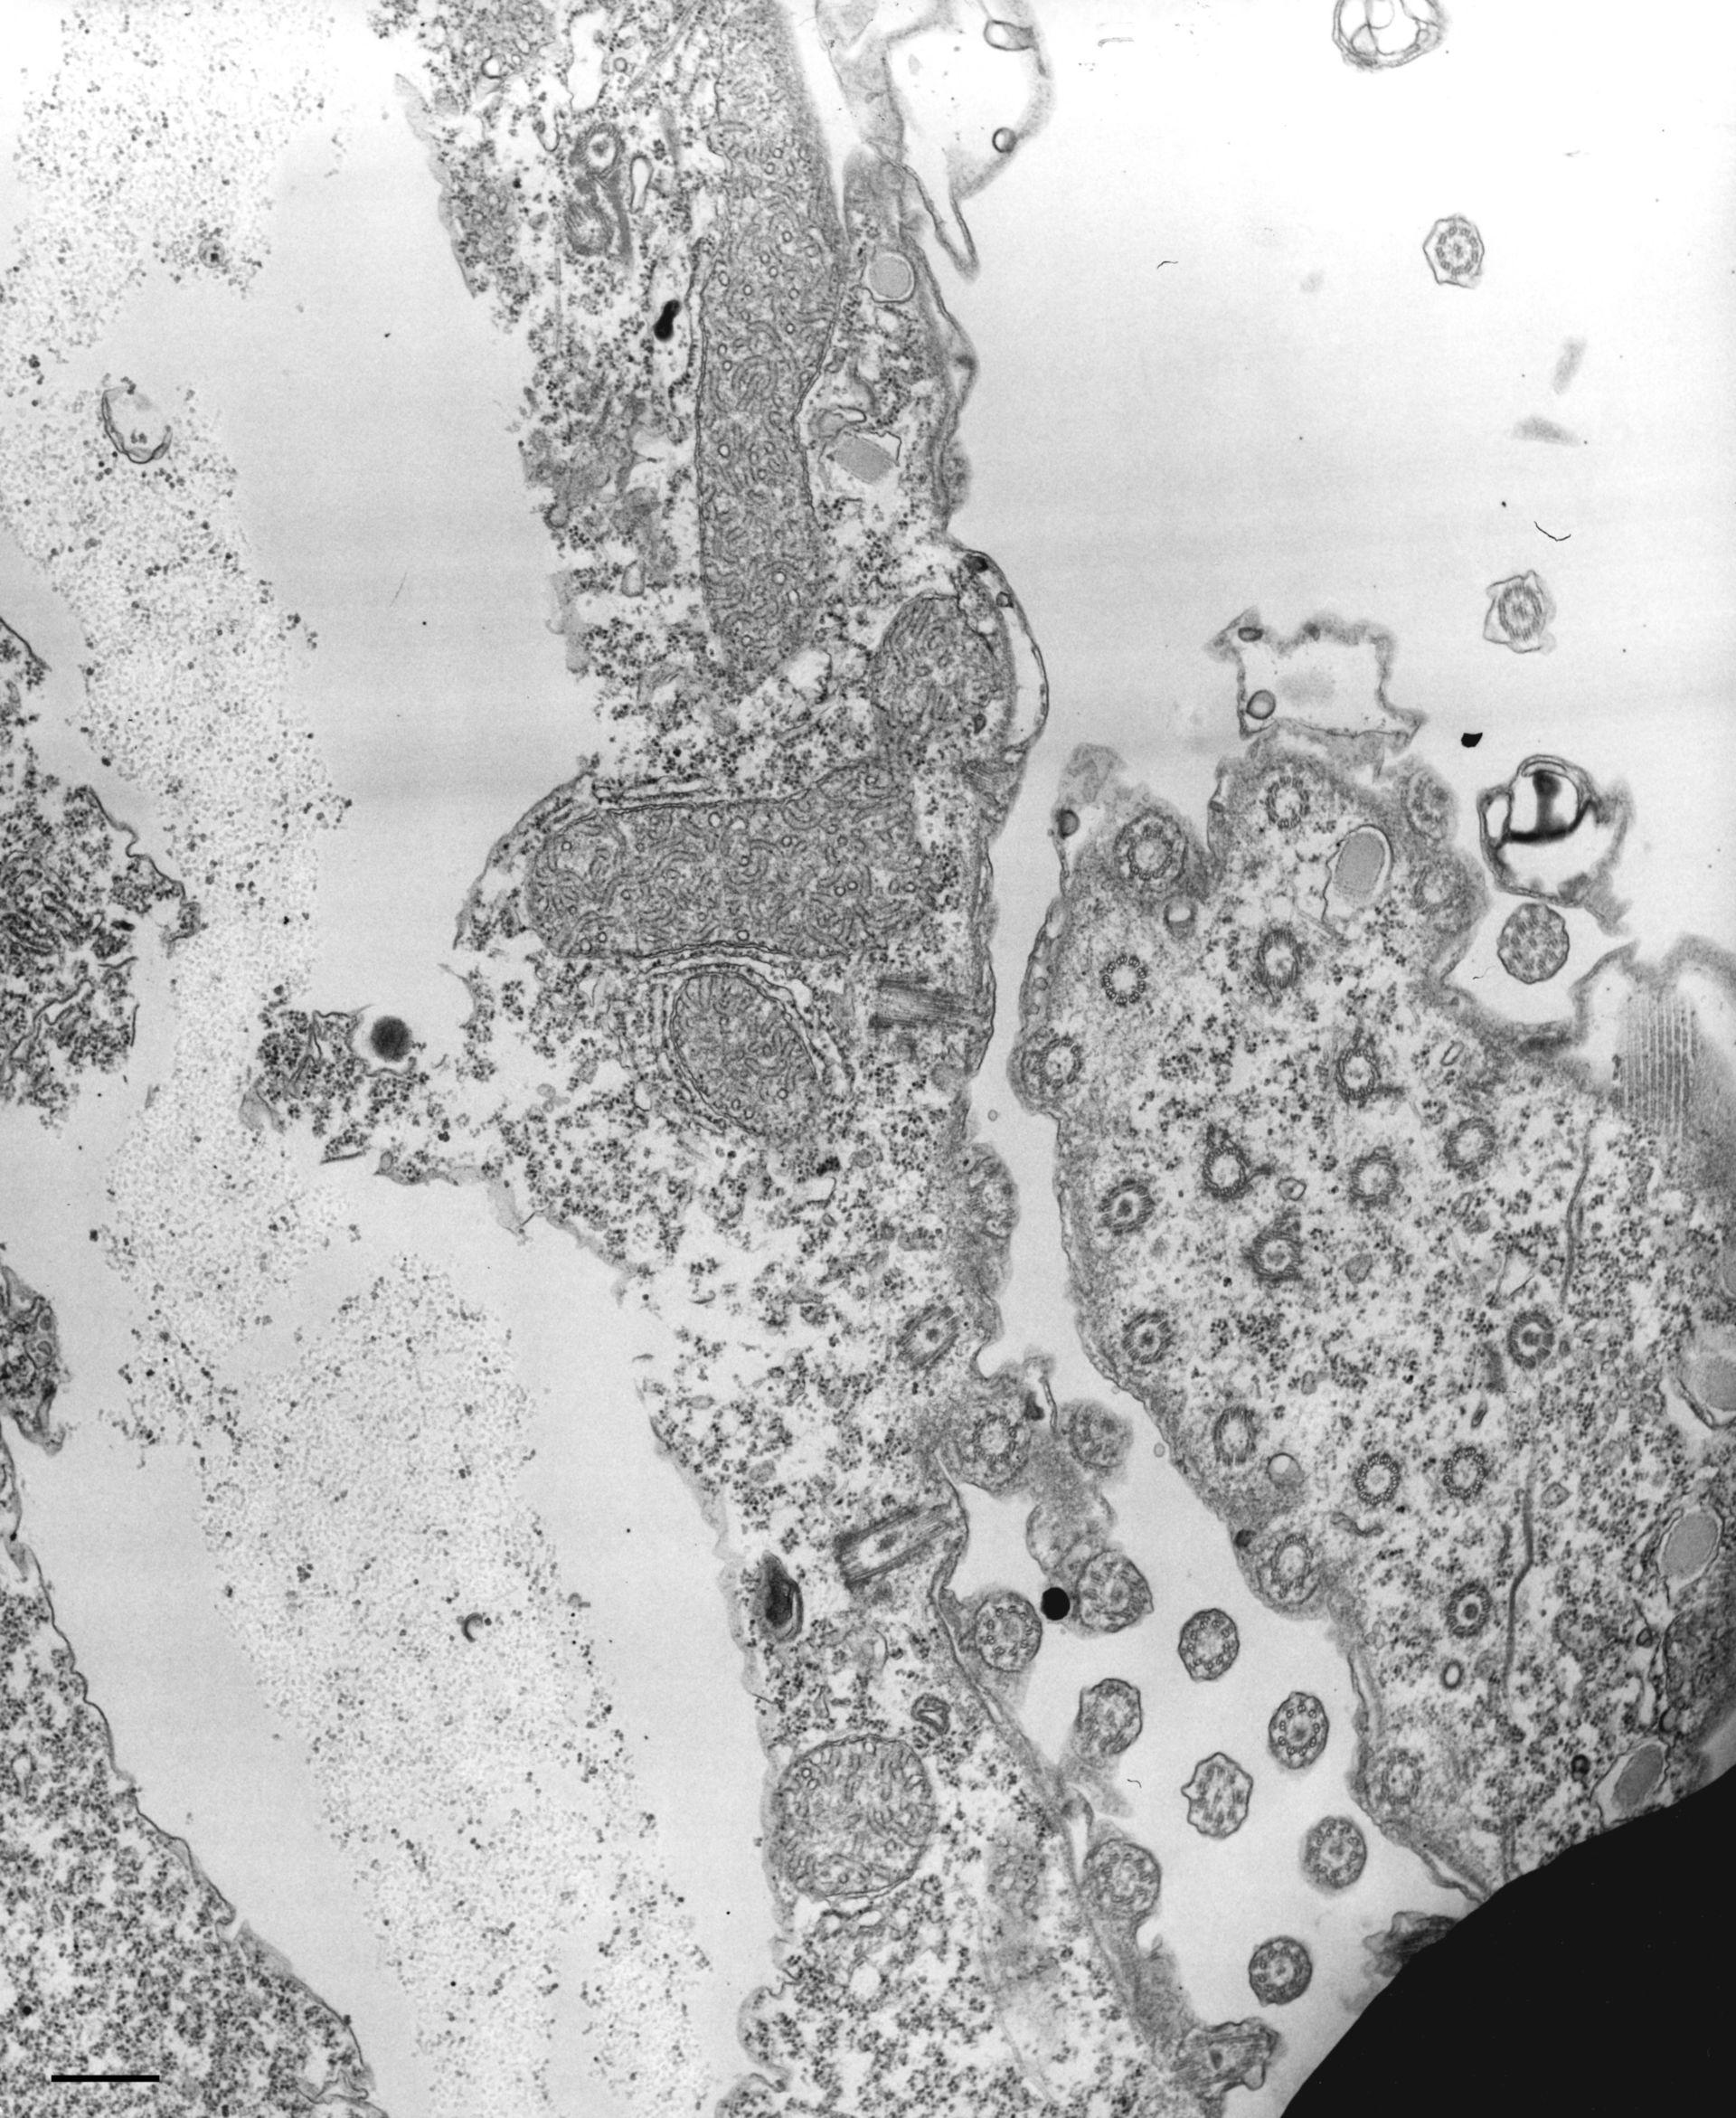 Tetrahymena pyriformis (sito di divisione cellulare) - CIL:36243